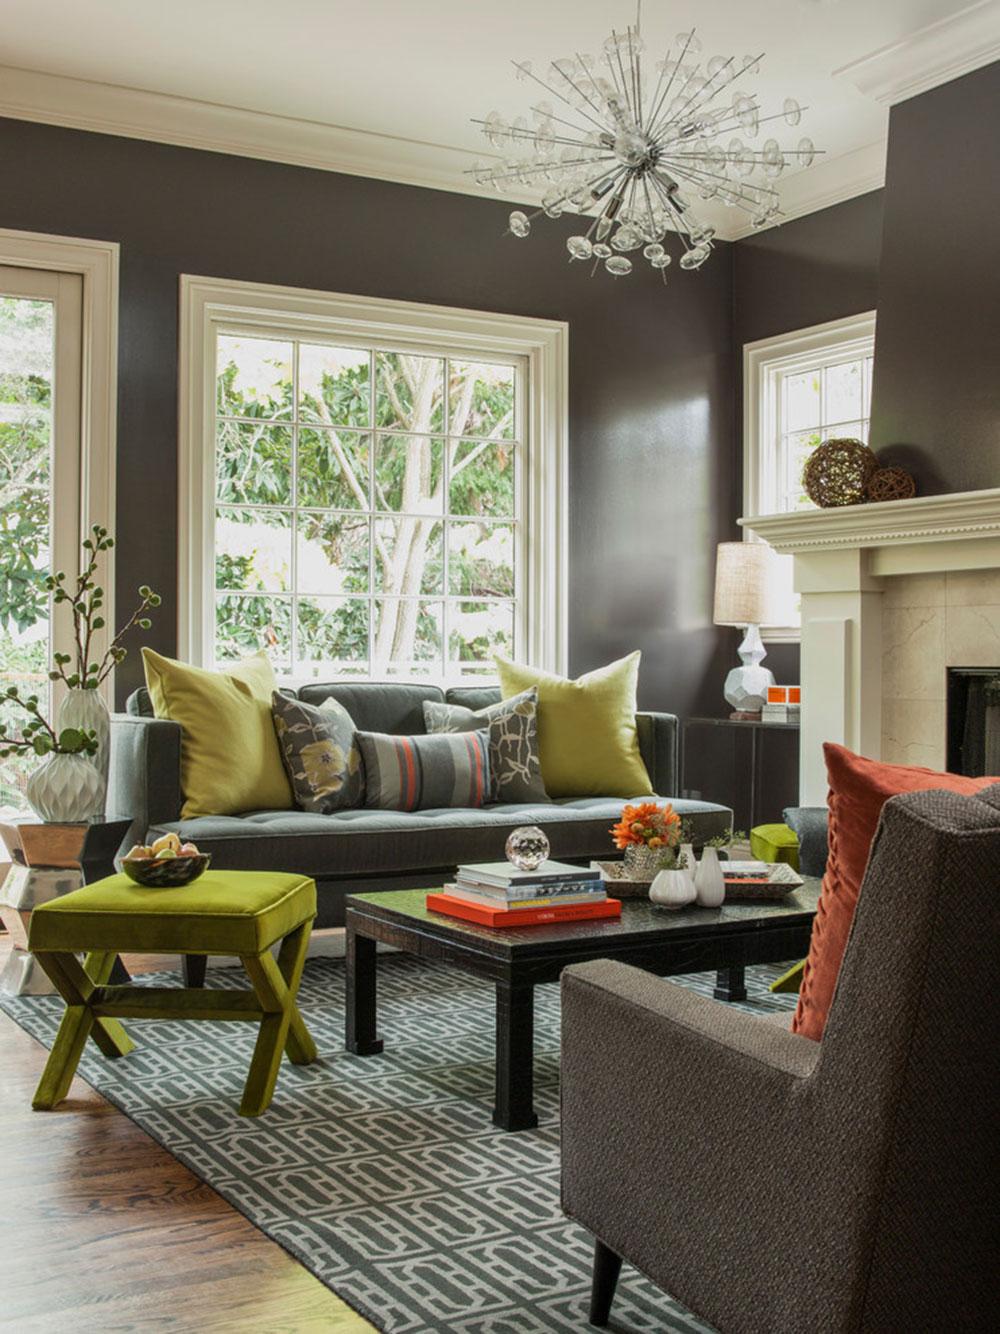 Amaizing-Living-Room-Paint-Colors1 Amazing Living Room Paint Colors